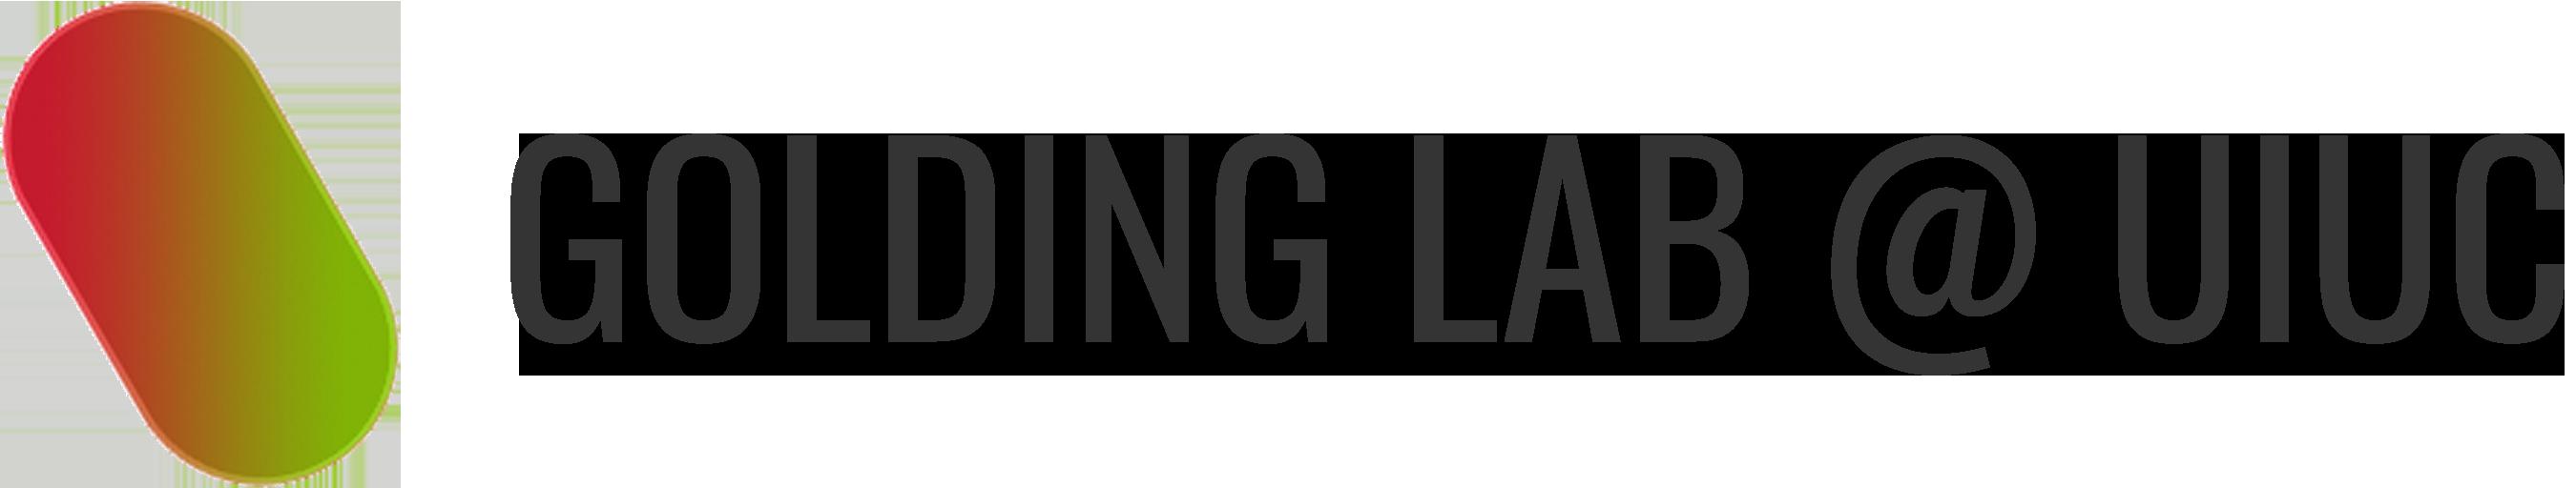 Golding Lab @ UIUC